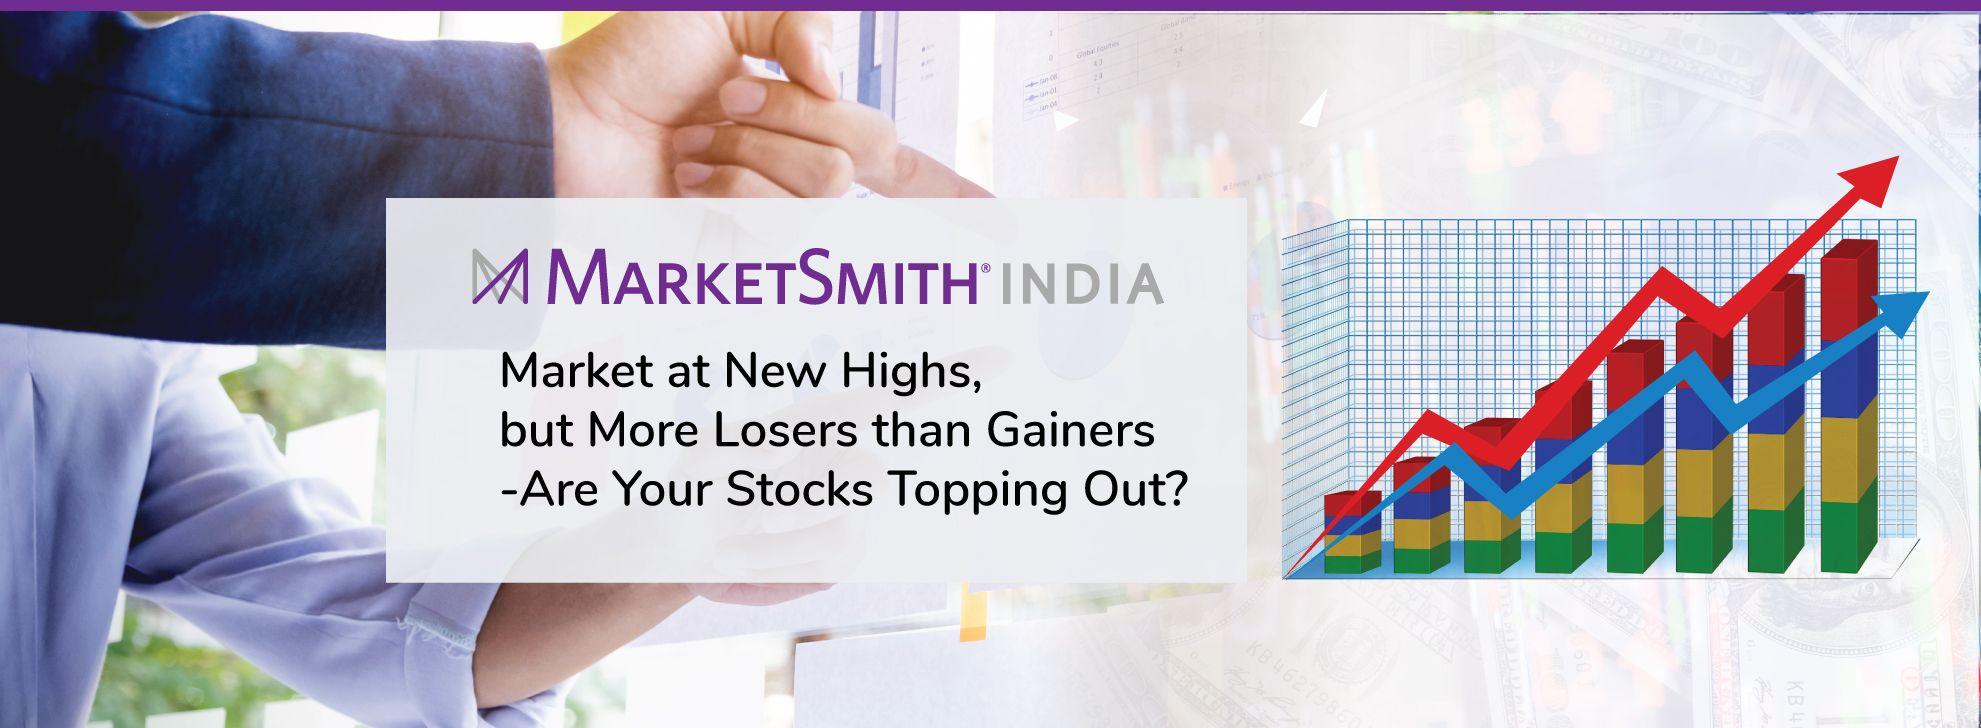 MarketSmith India - Market at new hights